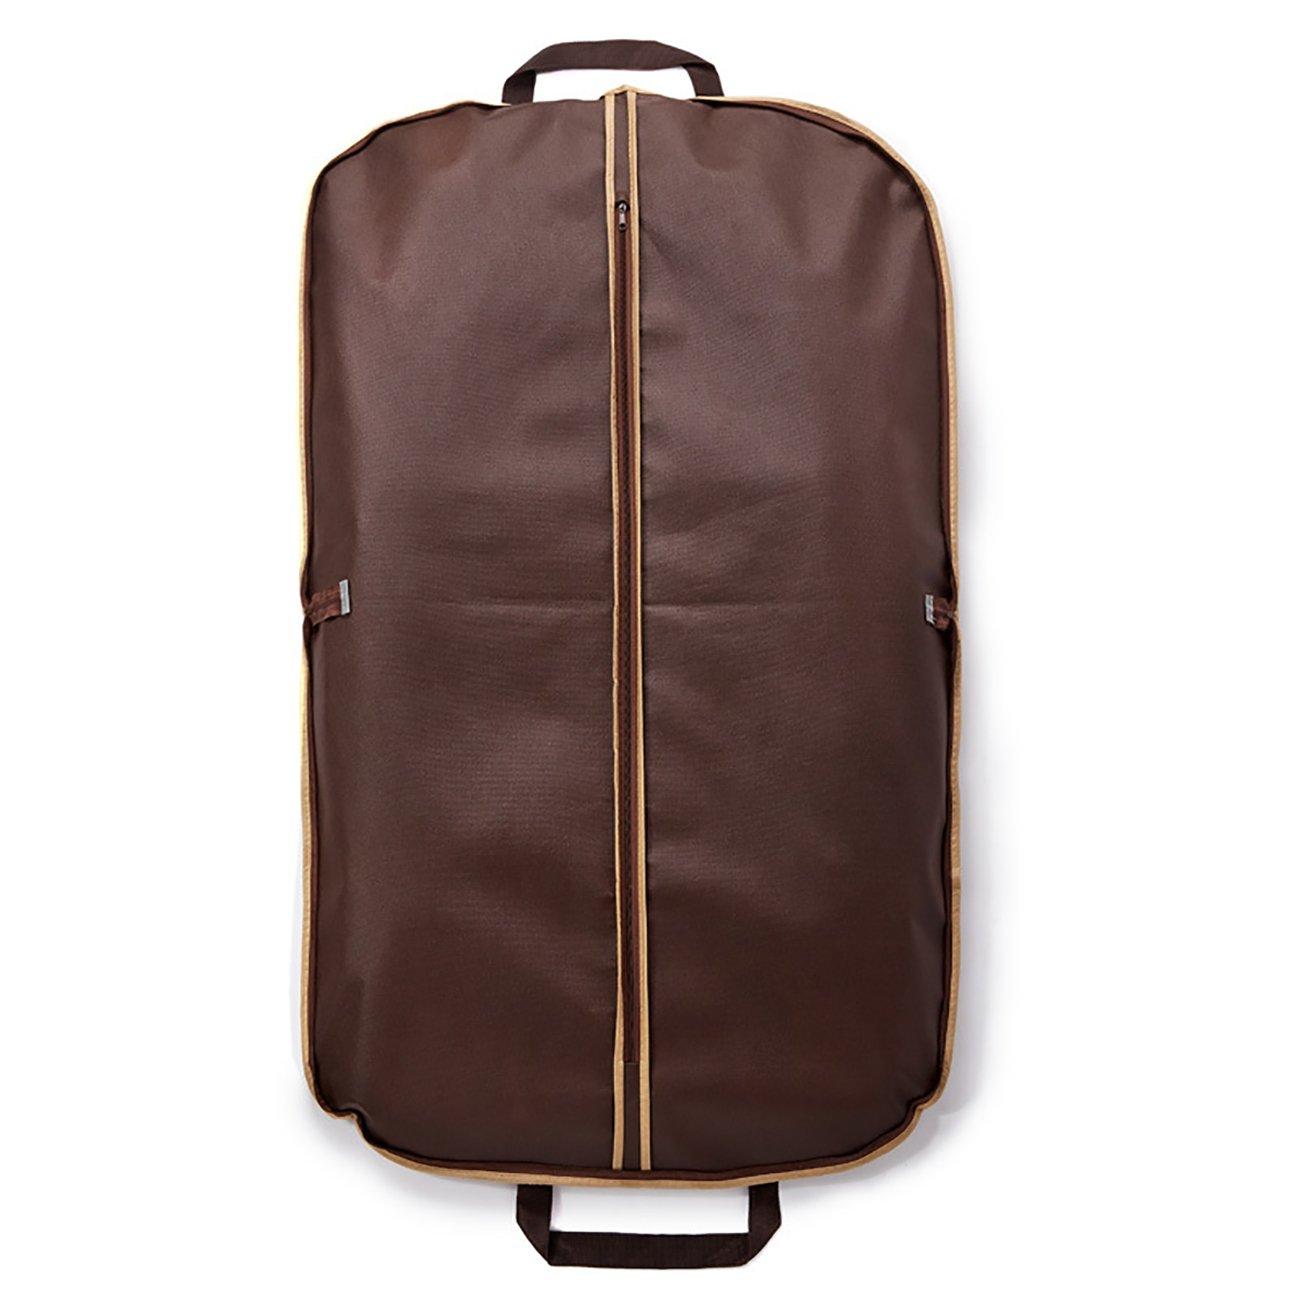 THEE Foldable Suit Dress Garment Bag Coat Dust Cover Travel Bag 39x23.6 2pcs